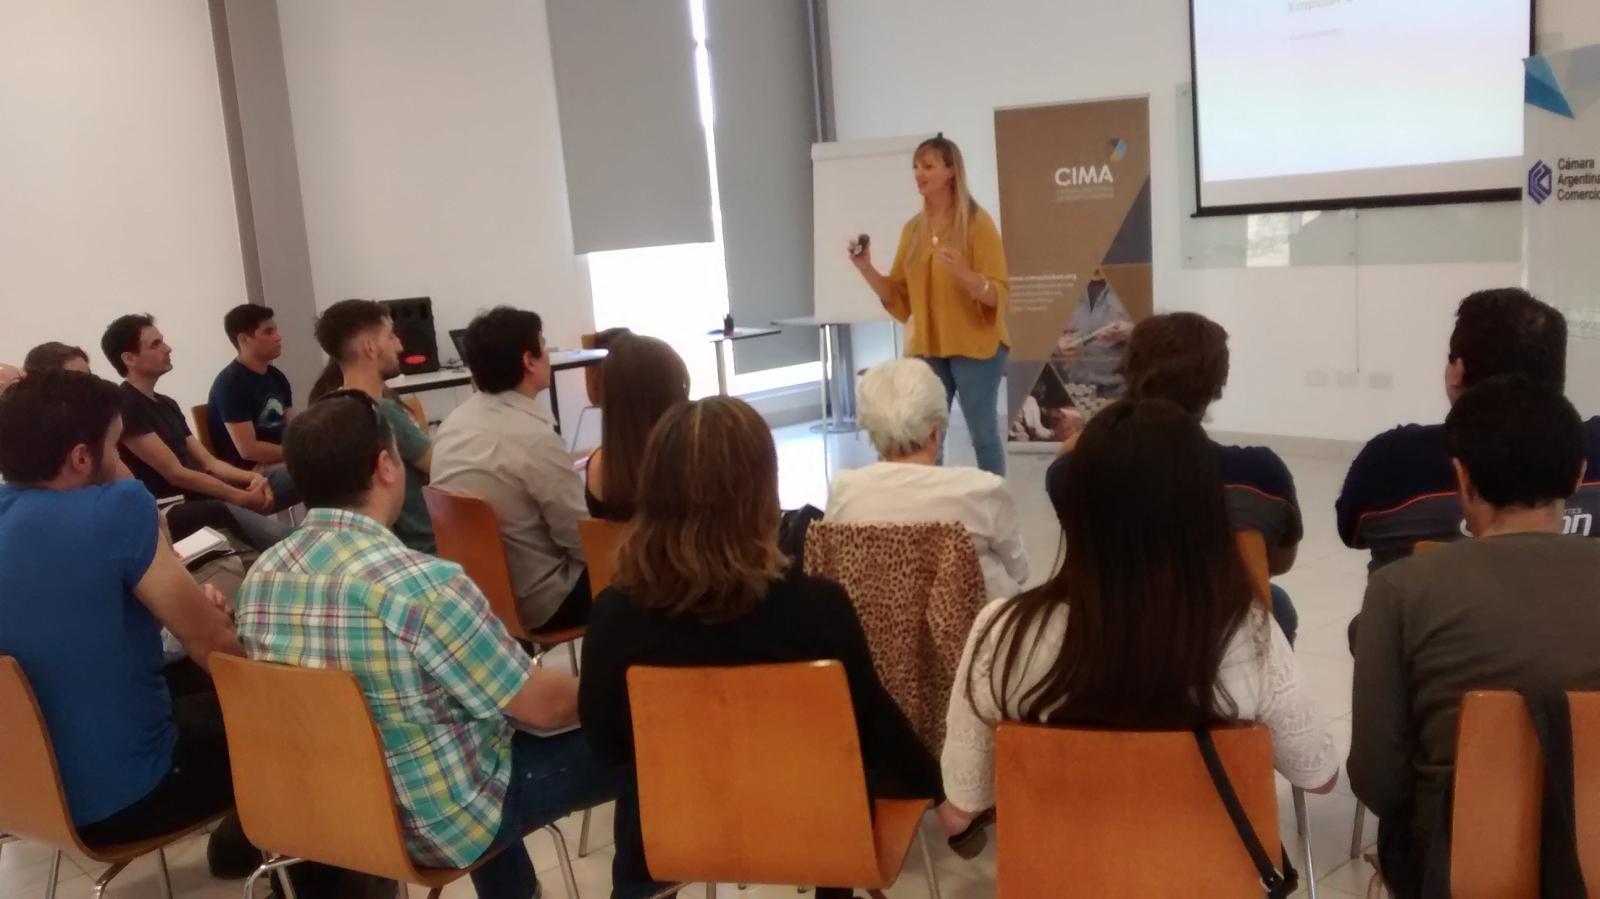 Dentro del programa de capacitación que ofrece la Camara Argentina de Comercio ( CAC ) y con un entusiasta grupo de jóvenes se llevo a cabo la actividad con la dirección de la Lic.  Maria Jose Larrosa especialista en Comunicación Corporativa & PR.